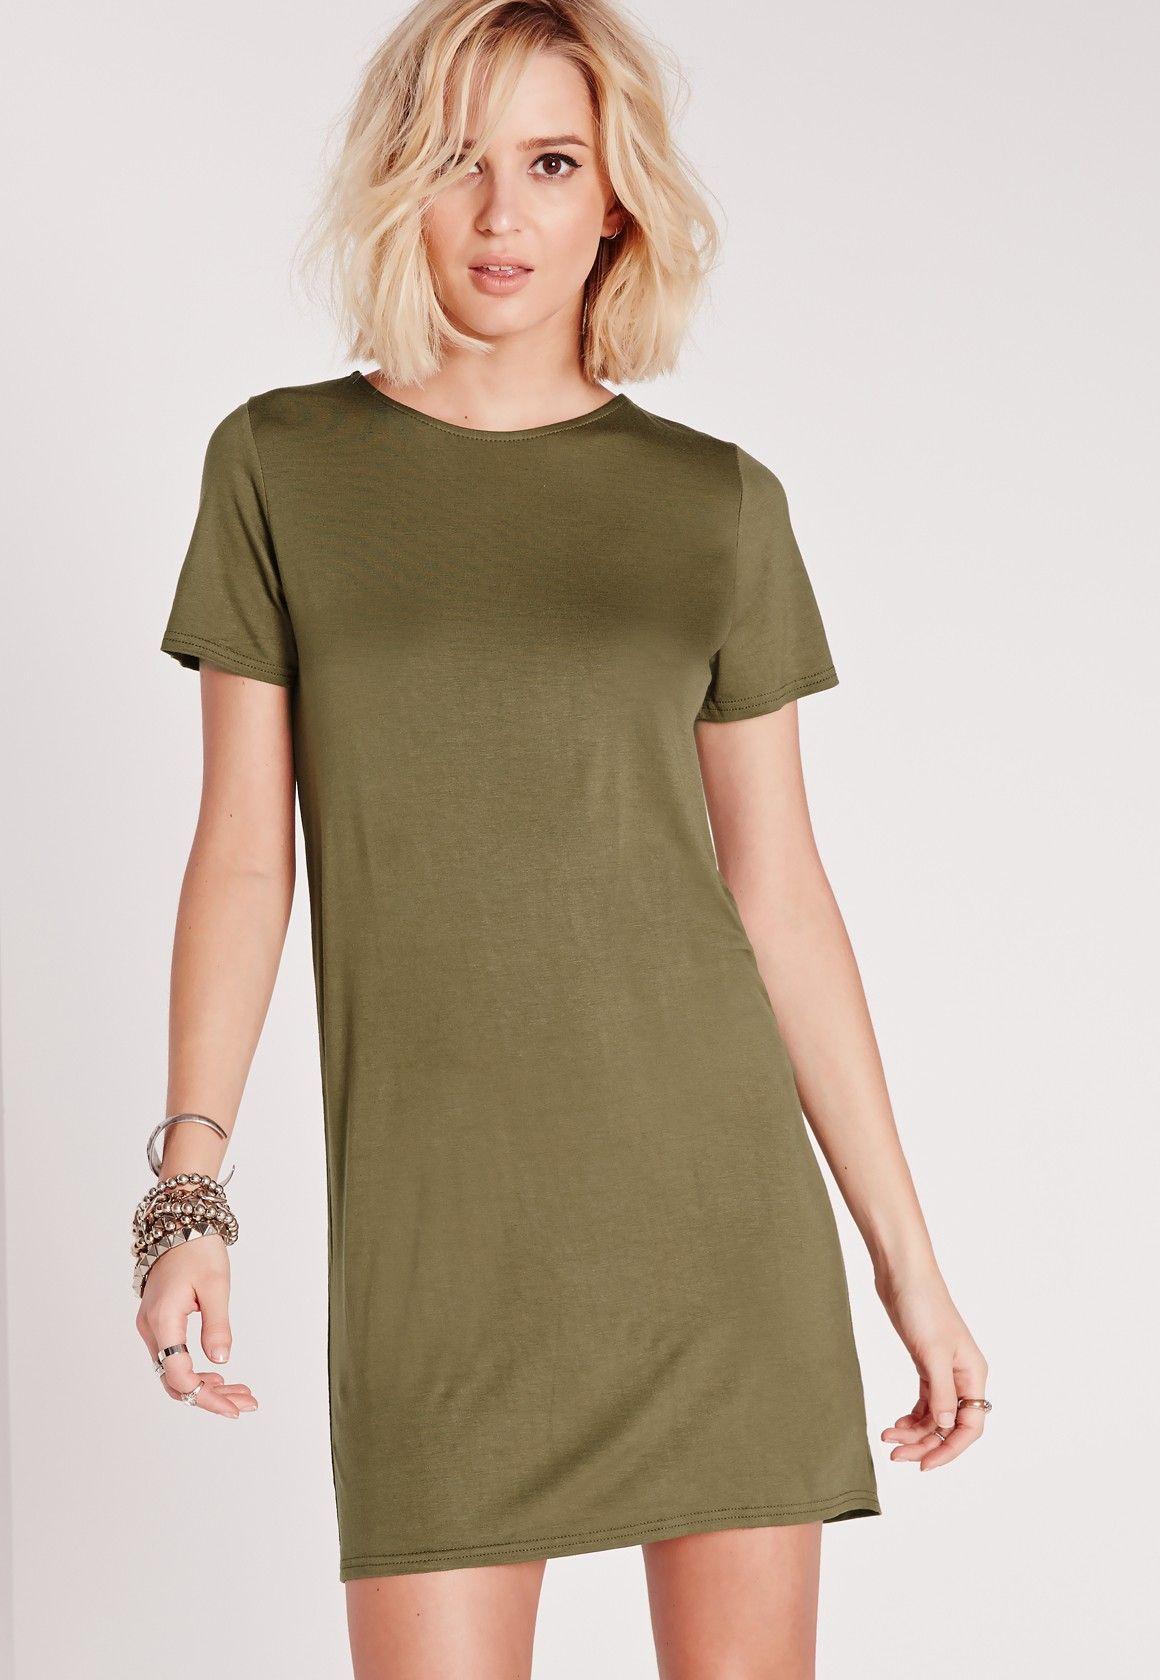 Missguided - Robe T-shirt manches courtes vert kaki